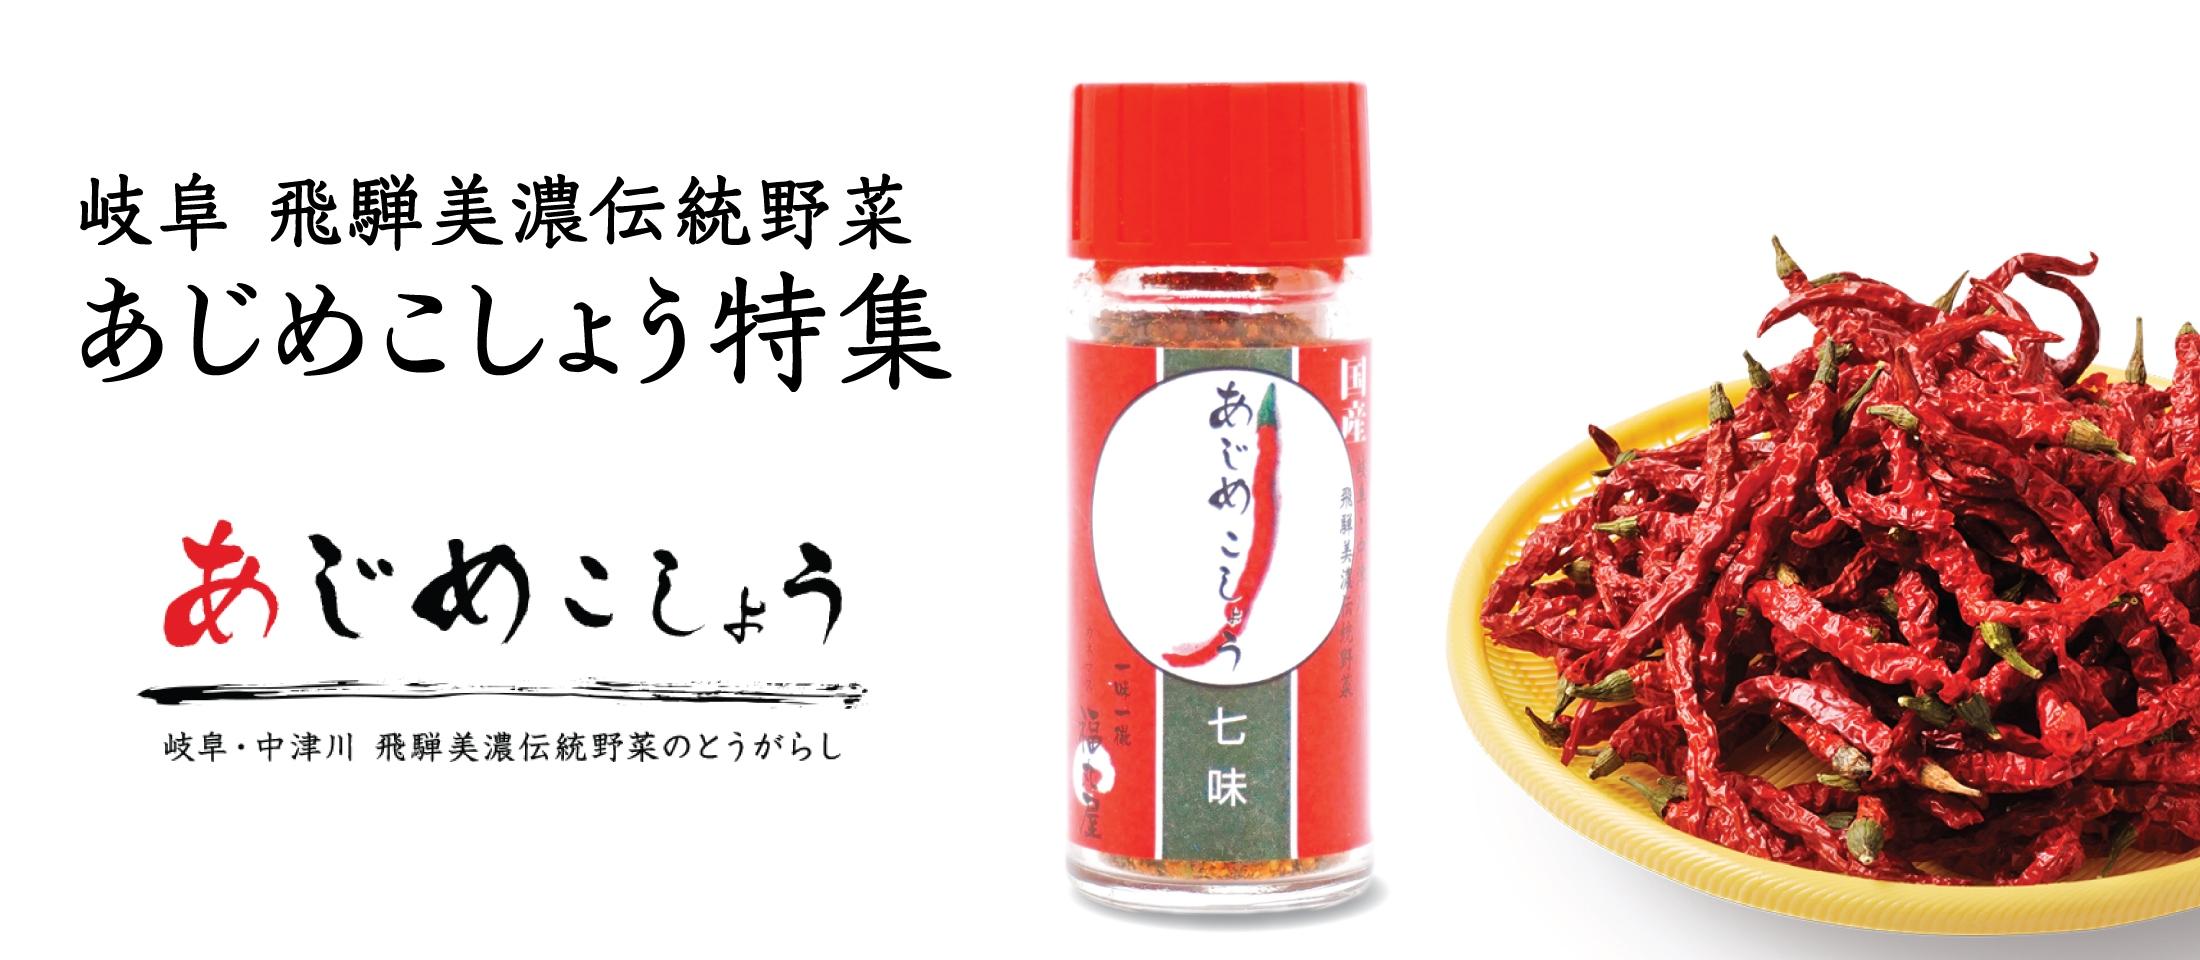 岐阜 飛騨美濃伝統野菜 あじめこしょう特集9選  業務用食品・冷凍食品の通販 |ナカヤマフーズ